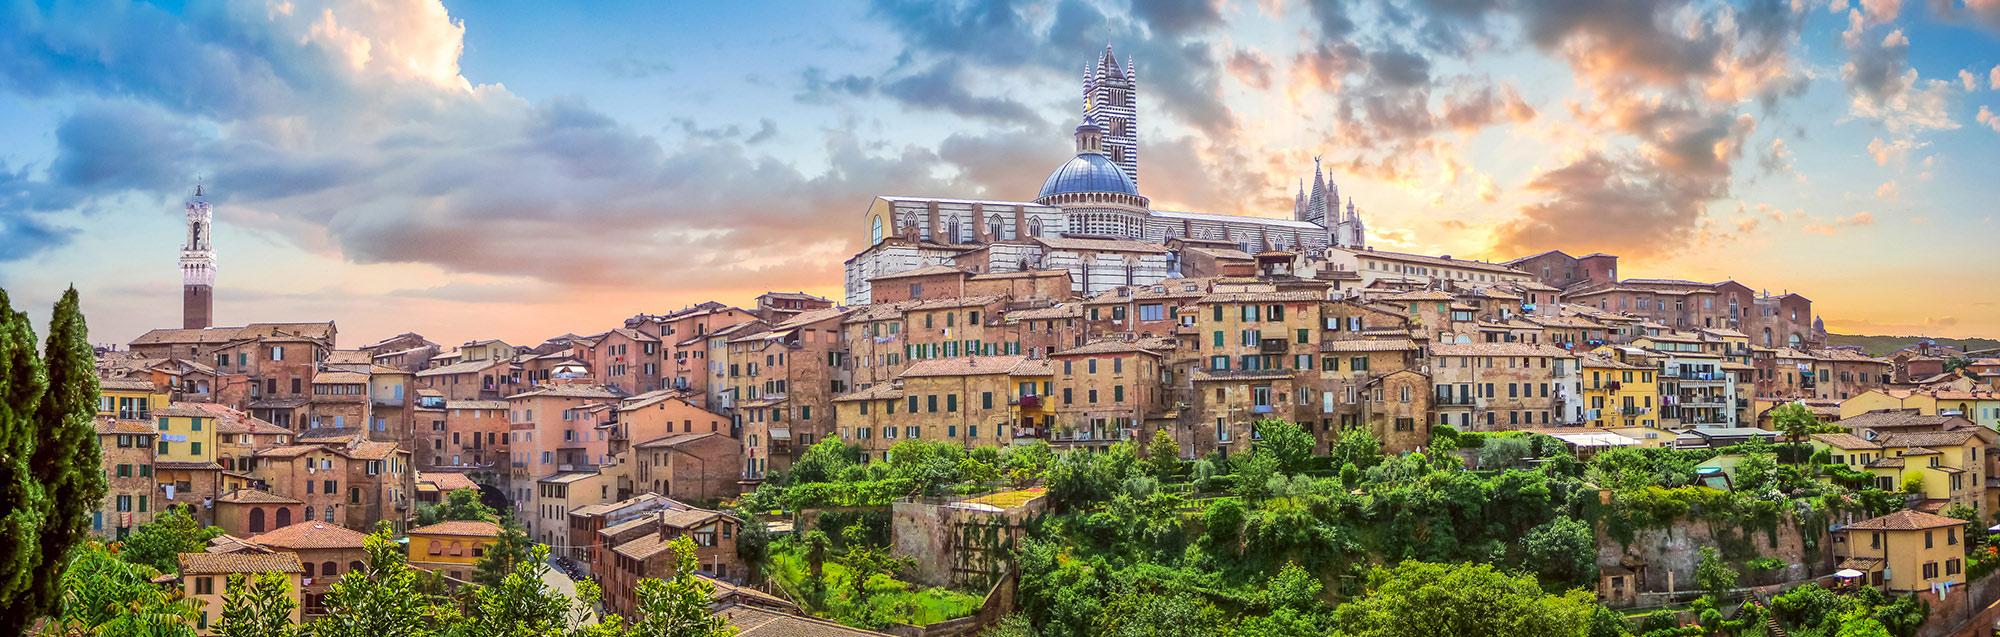 Dein Sprachkurs in einer Sprachschule Siena